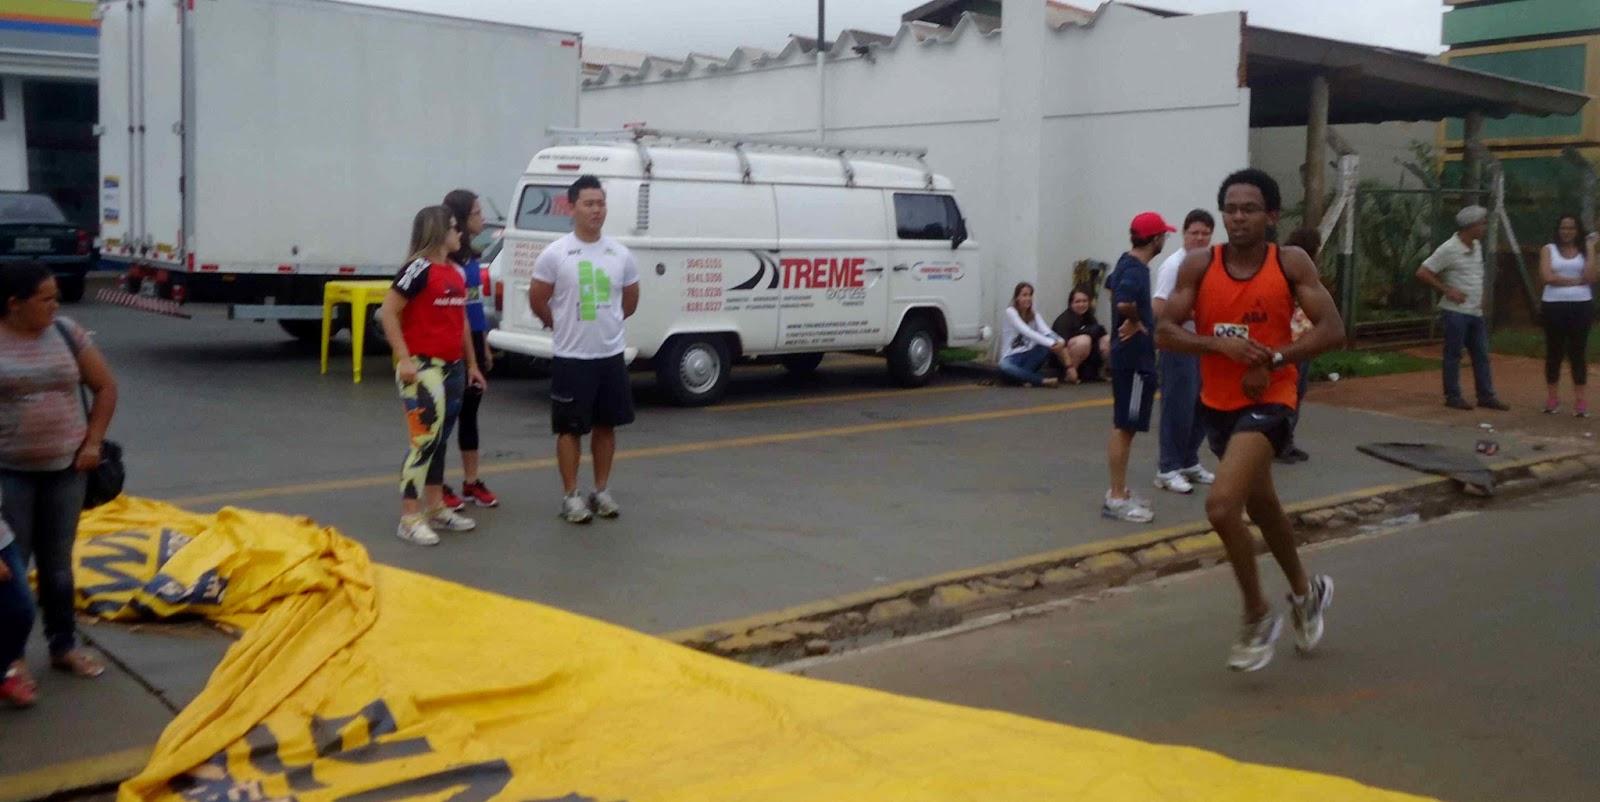 Foto 46 da 1ª Corrida Av. dos Coqueiros em Barretos-SP 14/04/2013 – Atletas cruzando a linha de chegada